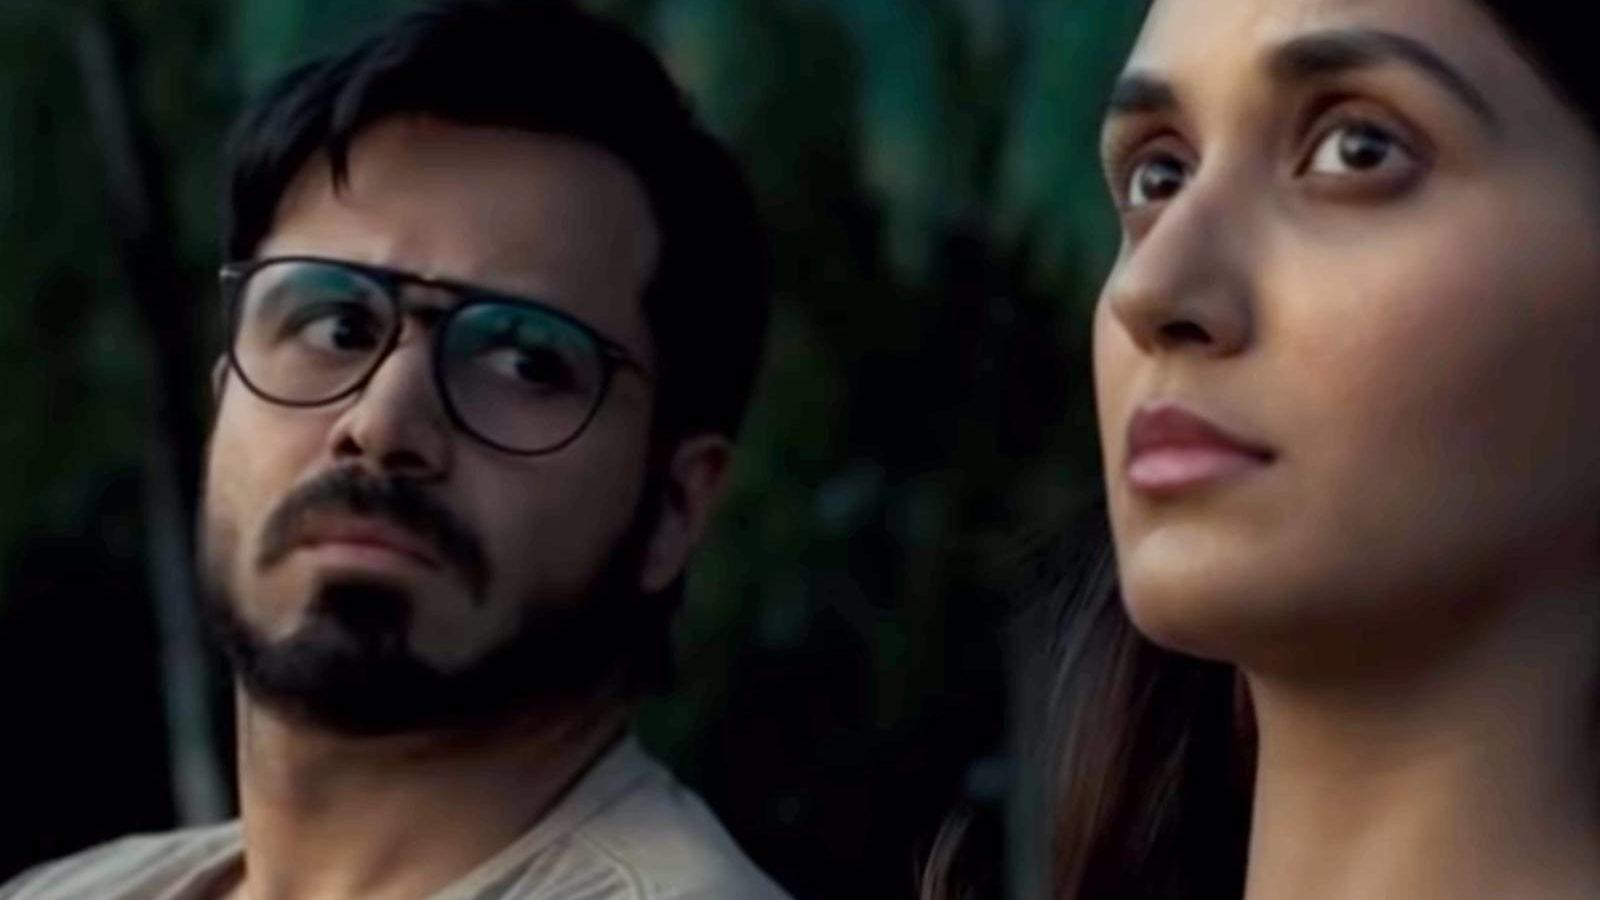 Dybbuk Trailer: रोंगटे खड़े कर देगा इमरान हाशमी की नई हॉरर फिल्म का ट्रेलर, अपनी रिस्क पर देखना